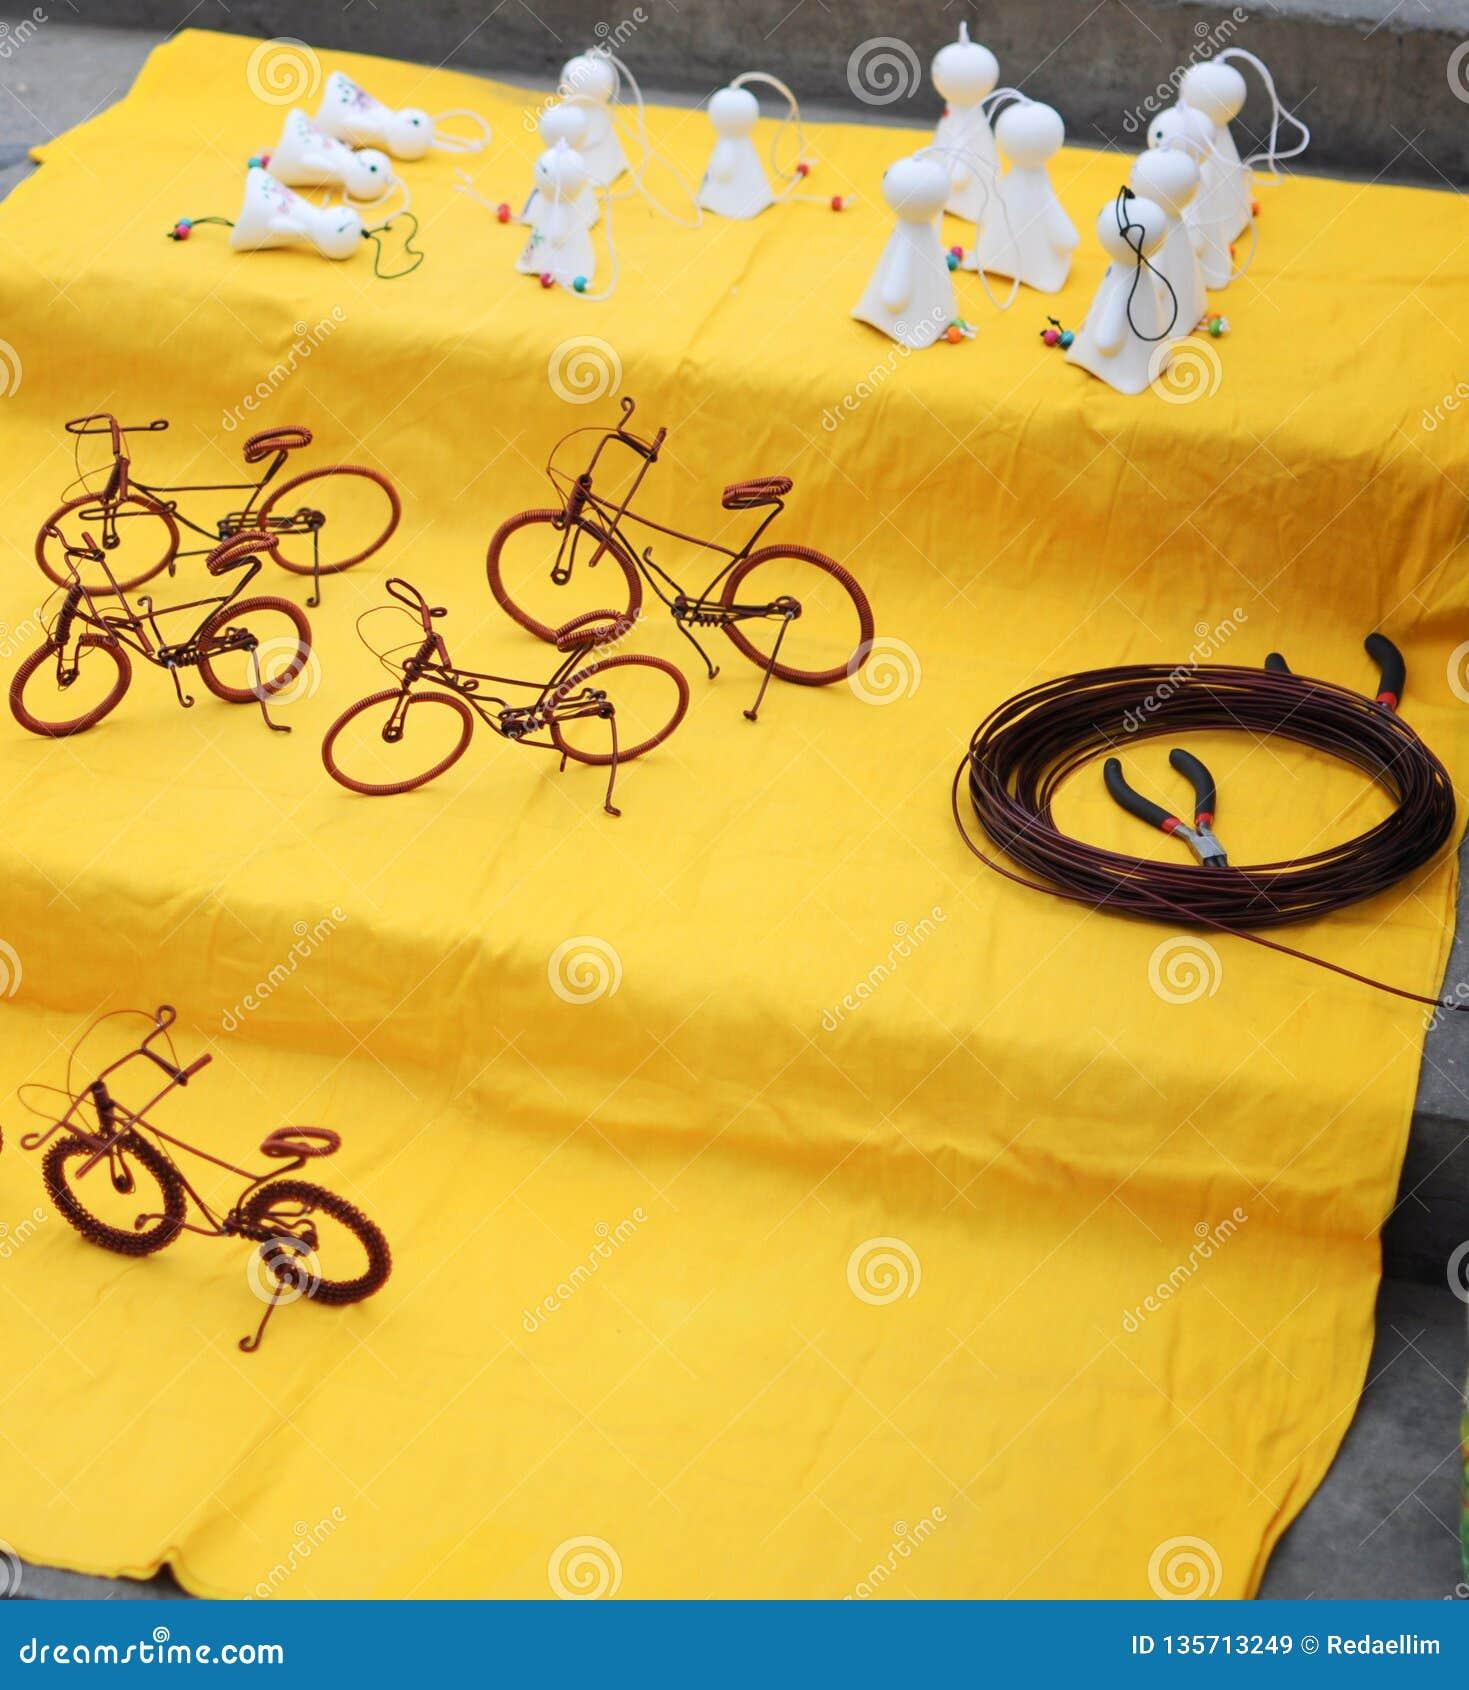 Искусство улицы: велосипед сделанный с проводом и маленькими призраками